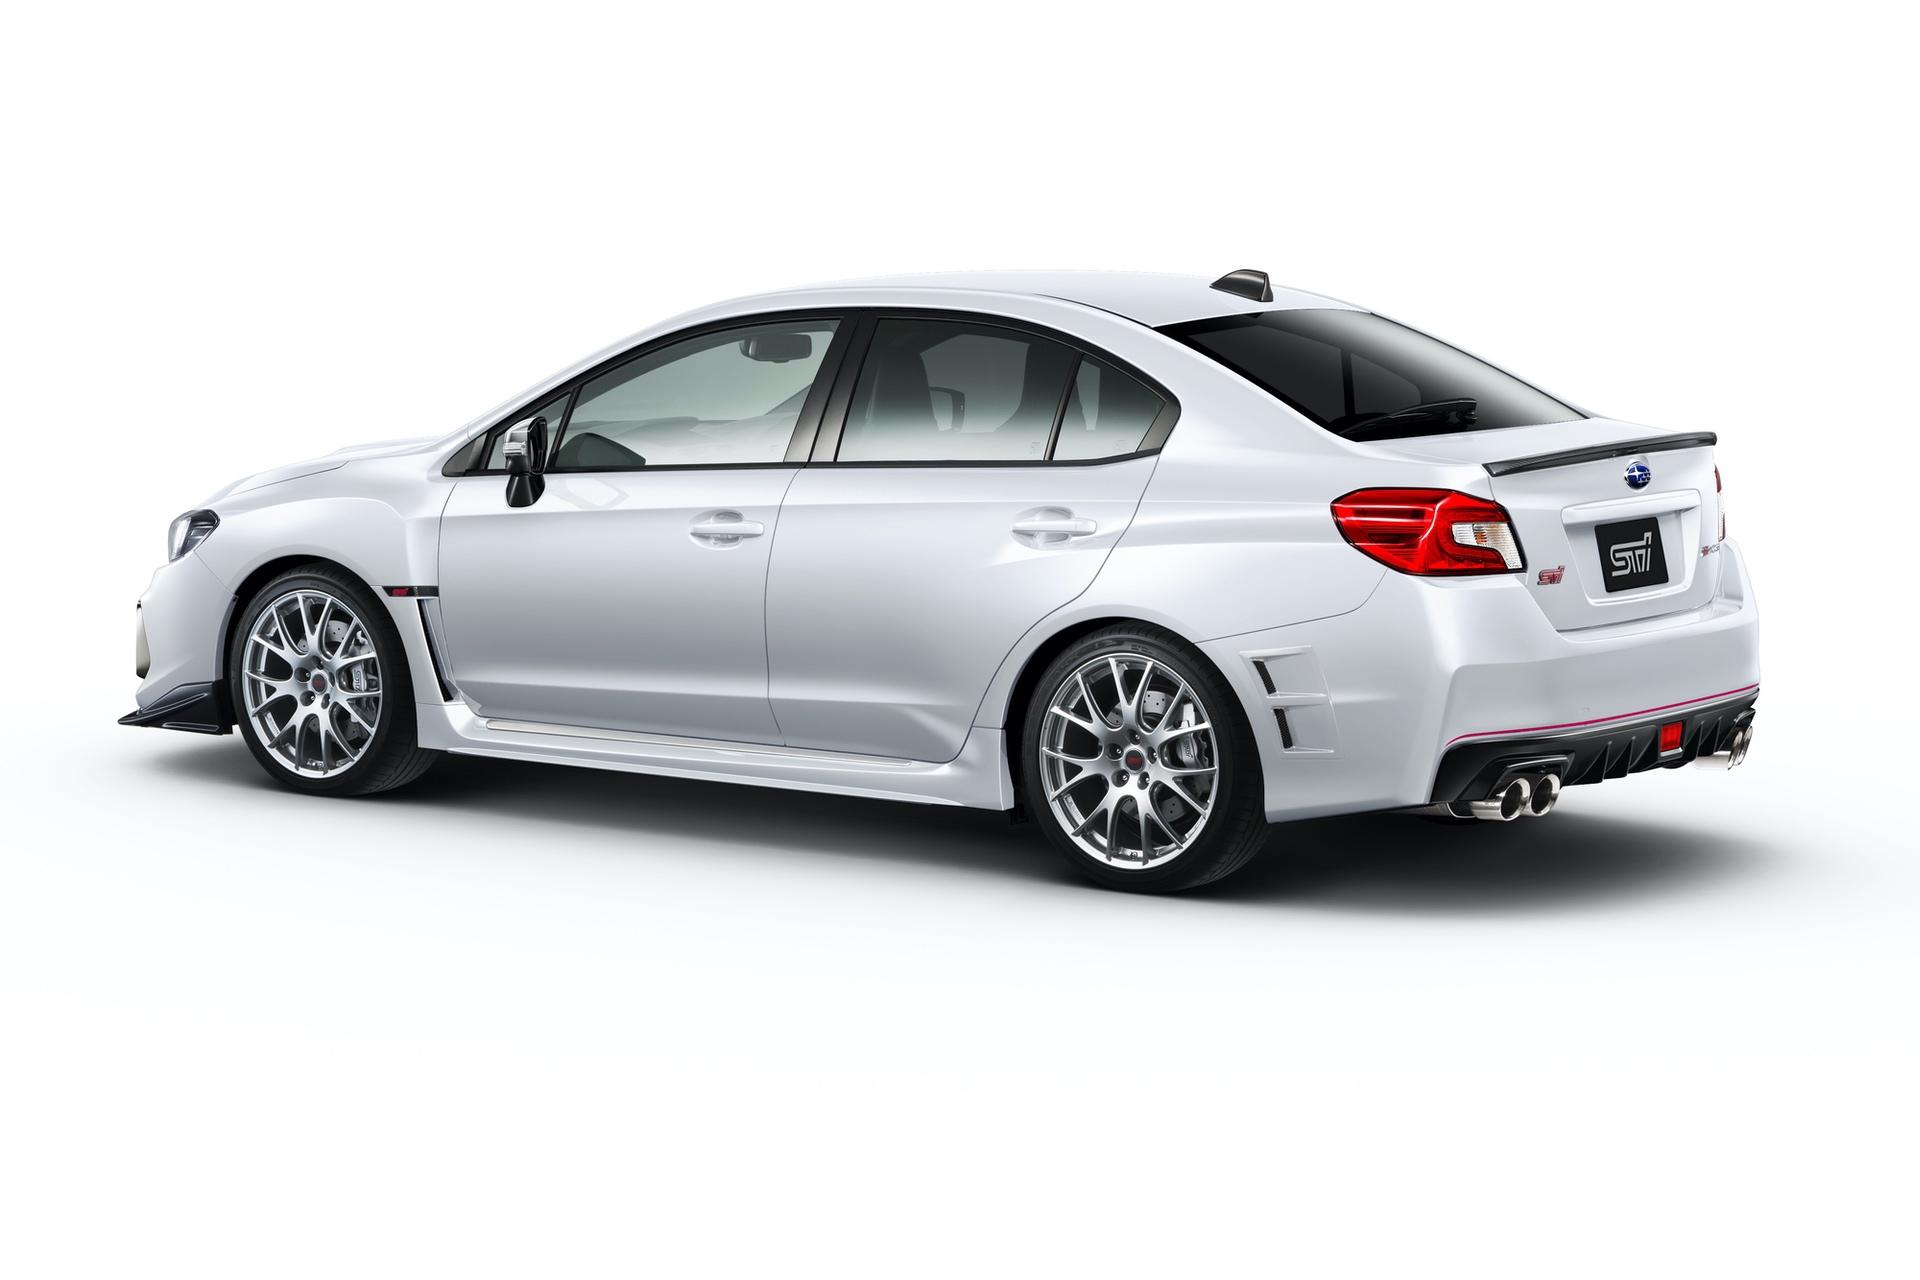 Subaru_WRX_STI_S208_0000